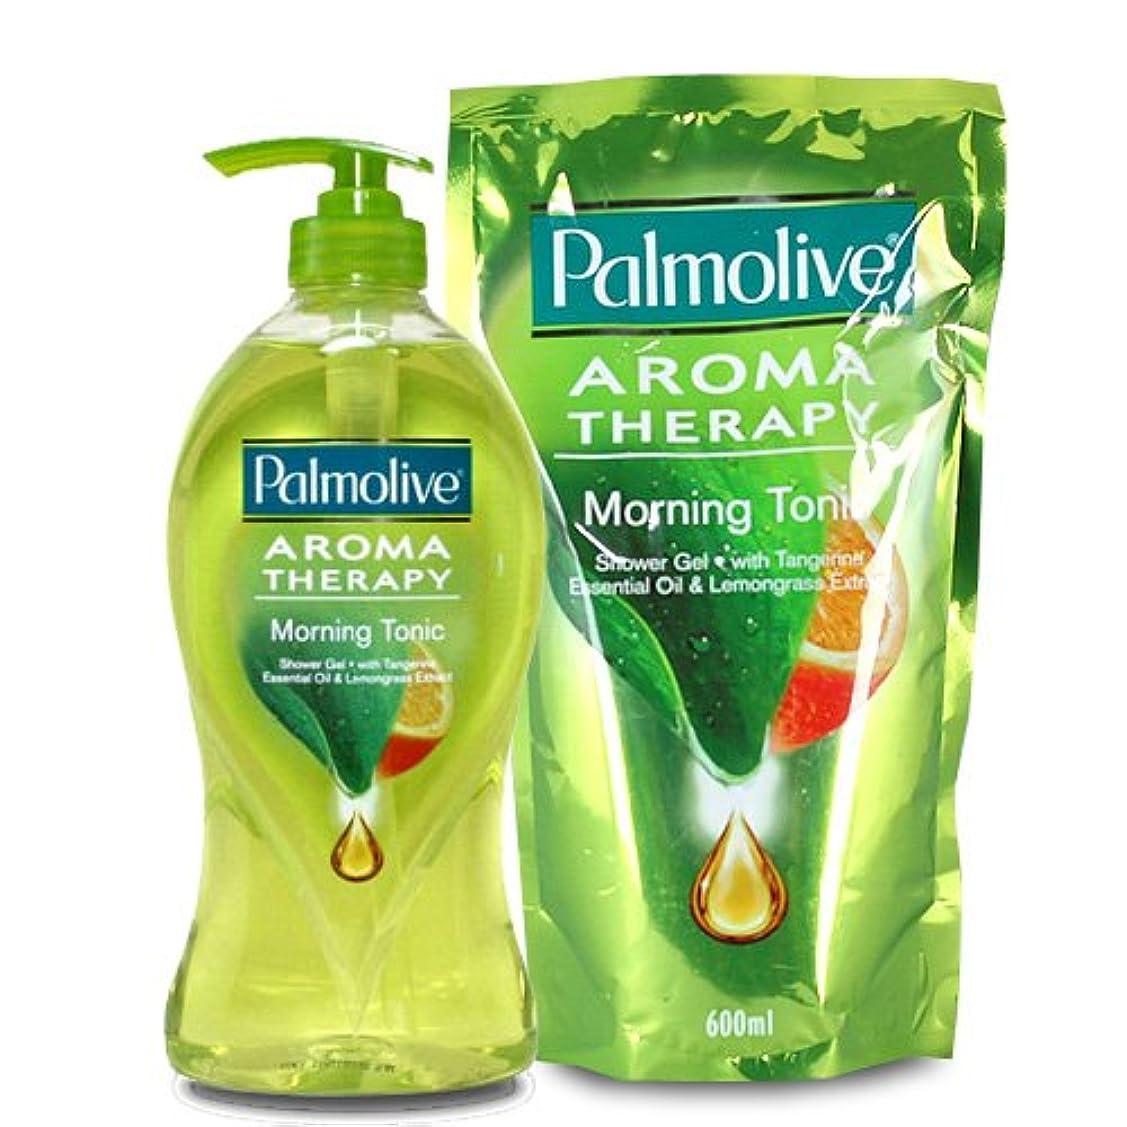 スリットつかいます遠い【Palmolive】パルモリーブ アロマセラピーシャワージェル ボトルと詰め替えのセット (モーニングトニック)